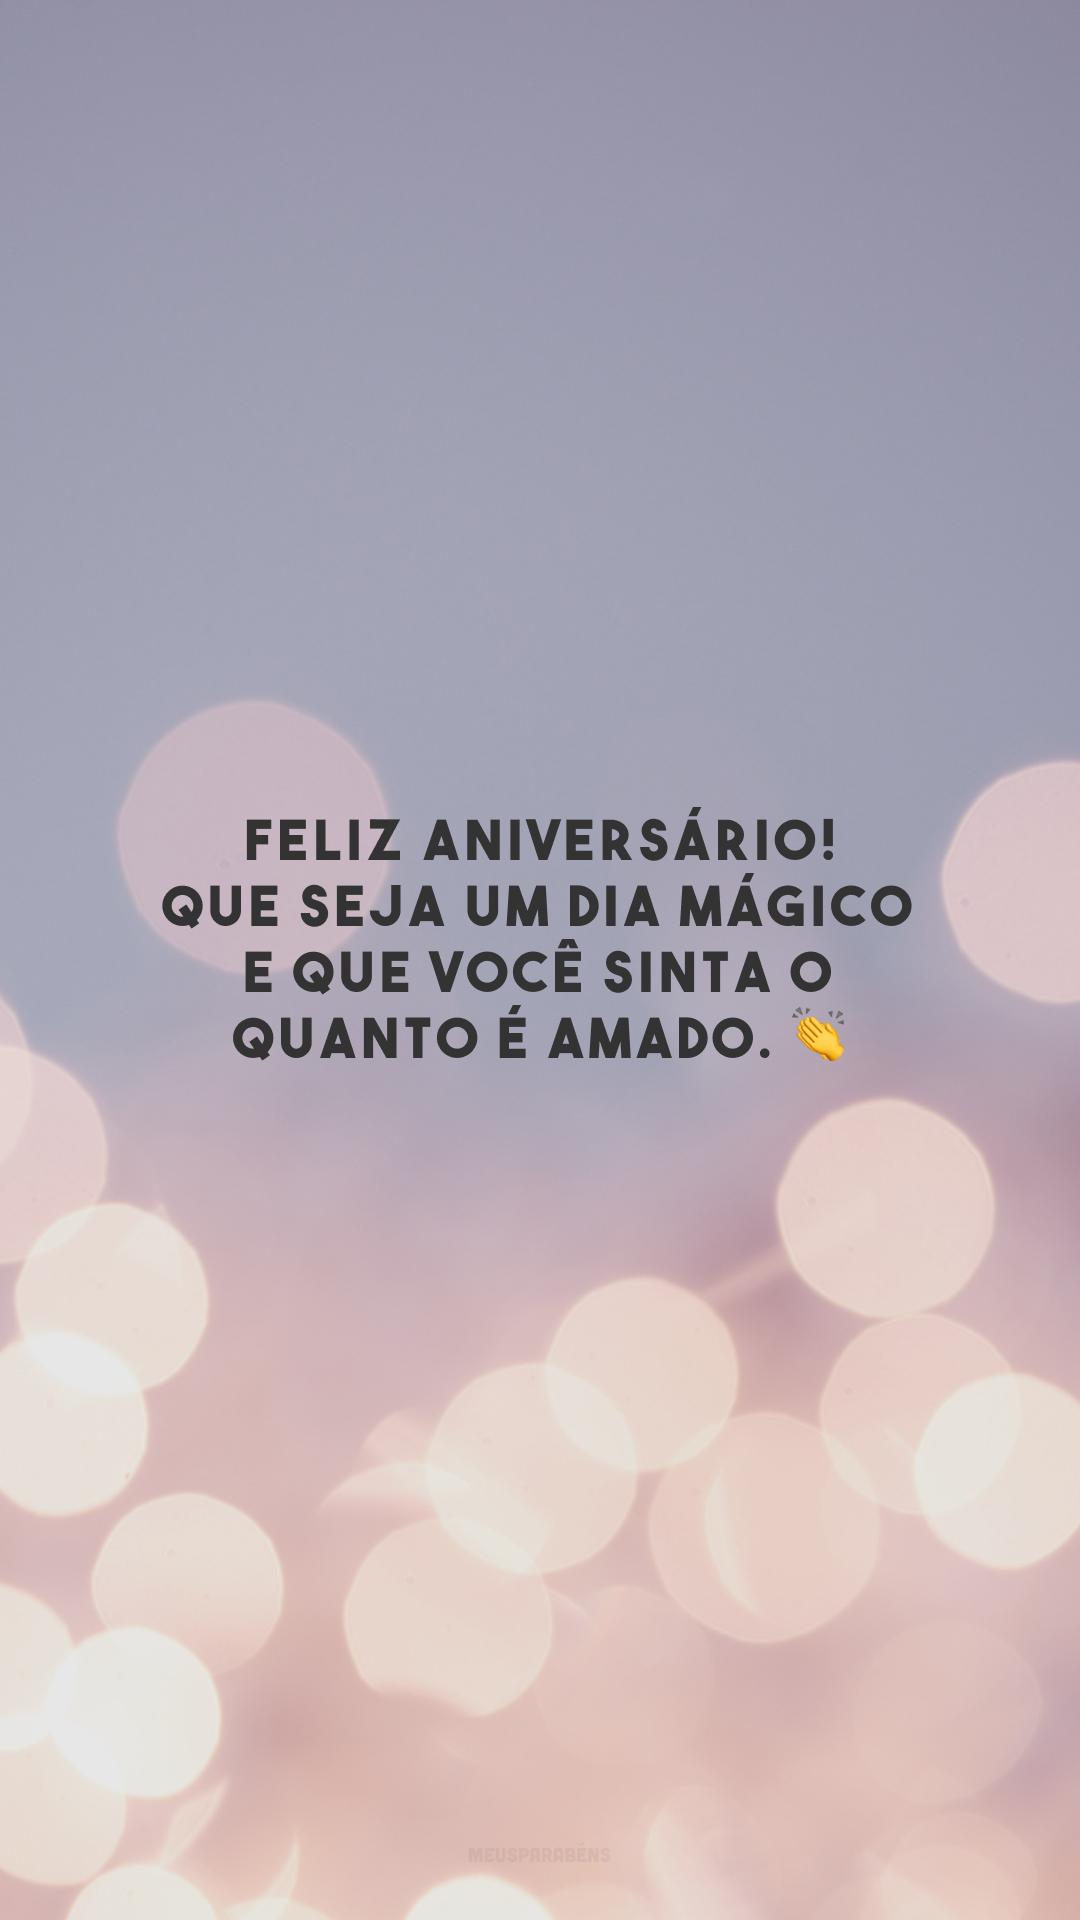 Feliz aniversário! Que seja um dia mágico e que você sinta o quanto é amado. 👏